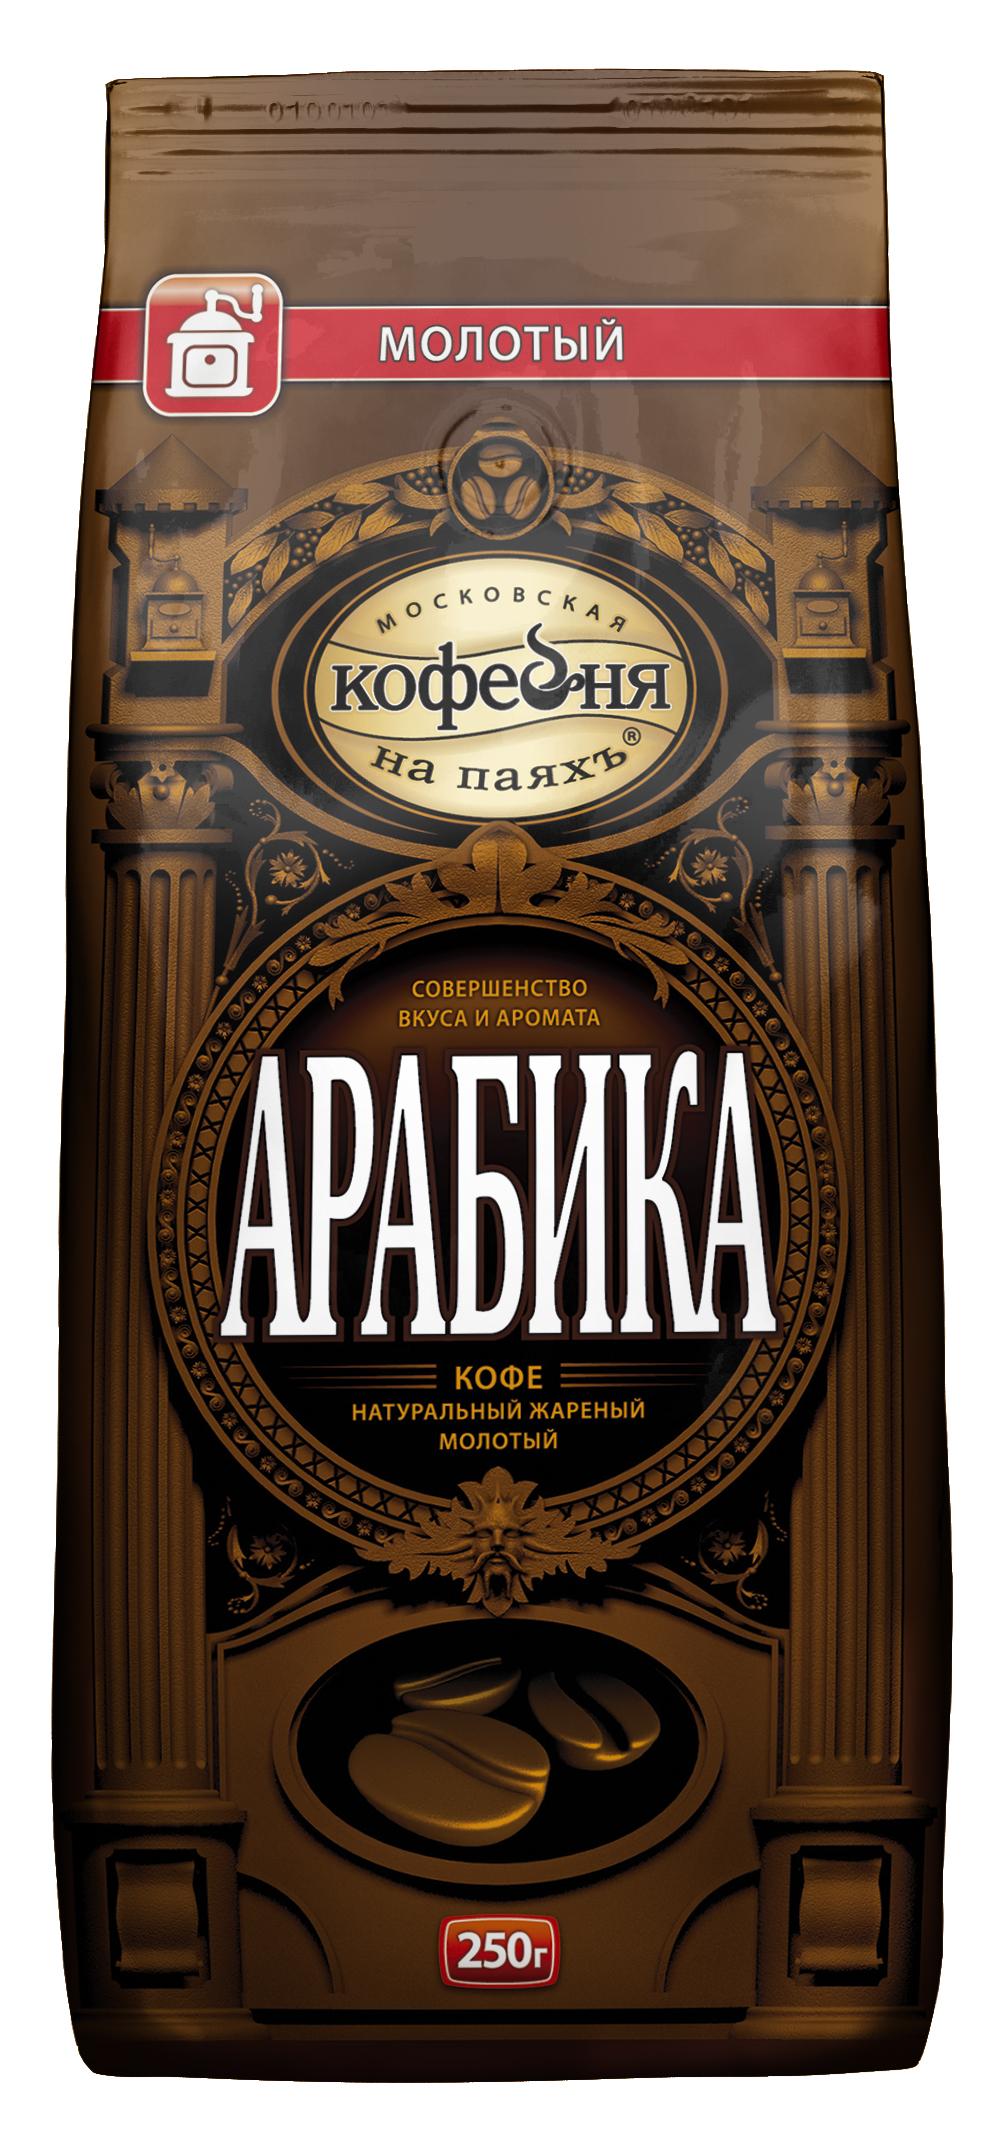 Московская кофейня на паяхъ Арабика кофе молотый, 250 г штатив bosch bt 250 0 601 096 a00